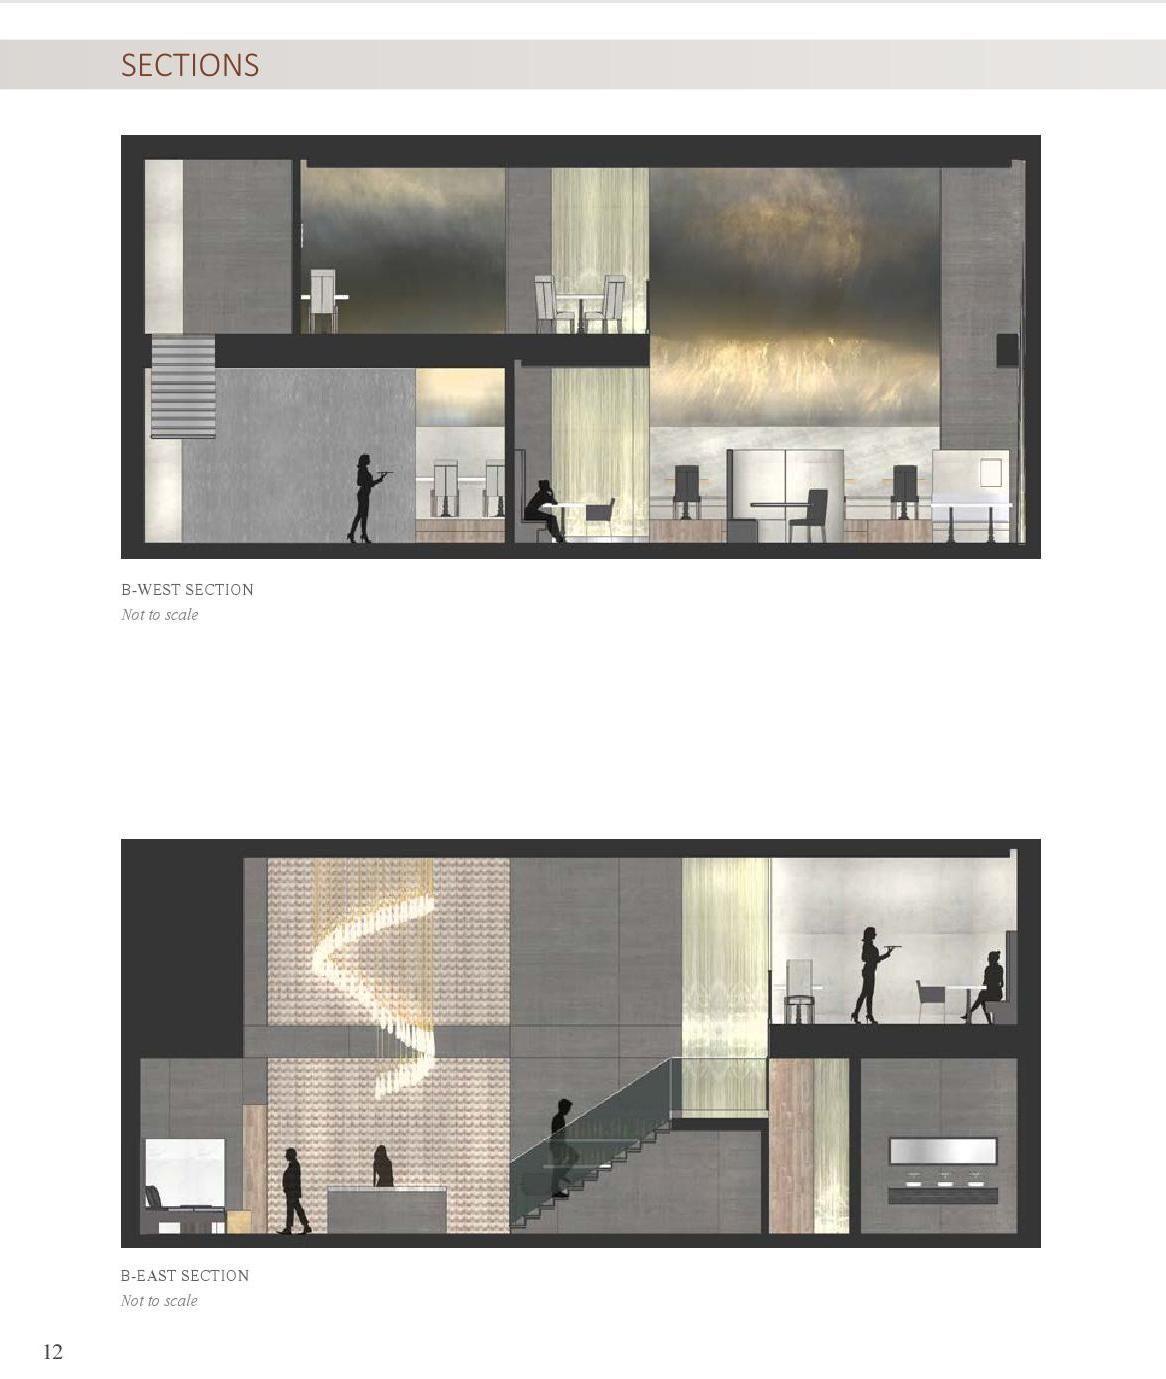 Interior Design Portfolio By Andressa Esteves By Andressa Esteves   Issuu